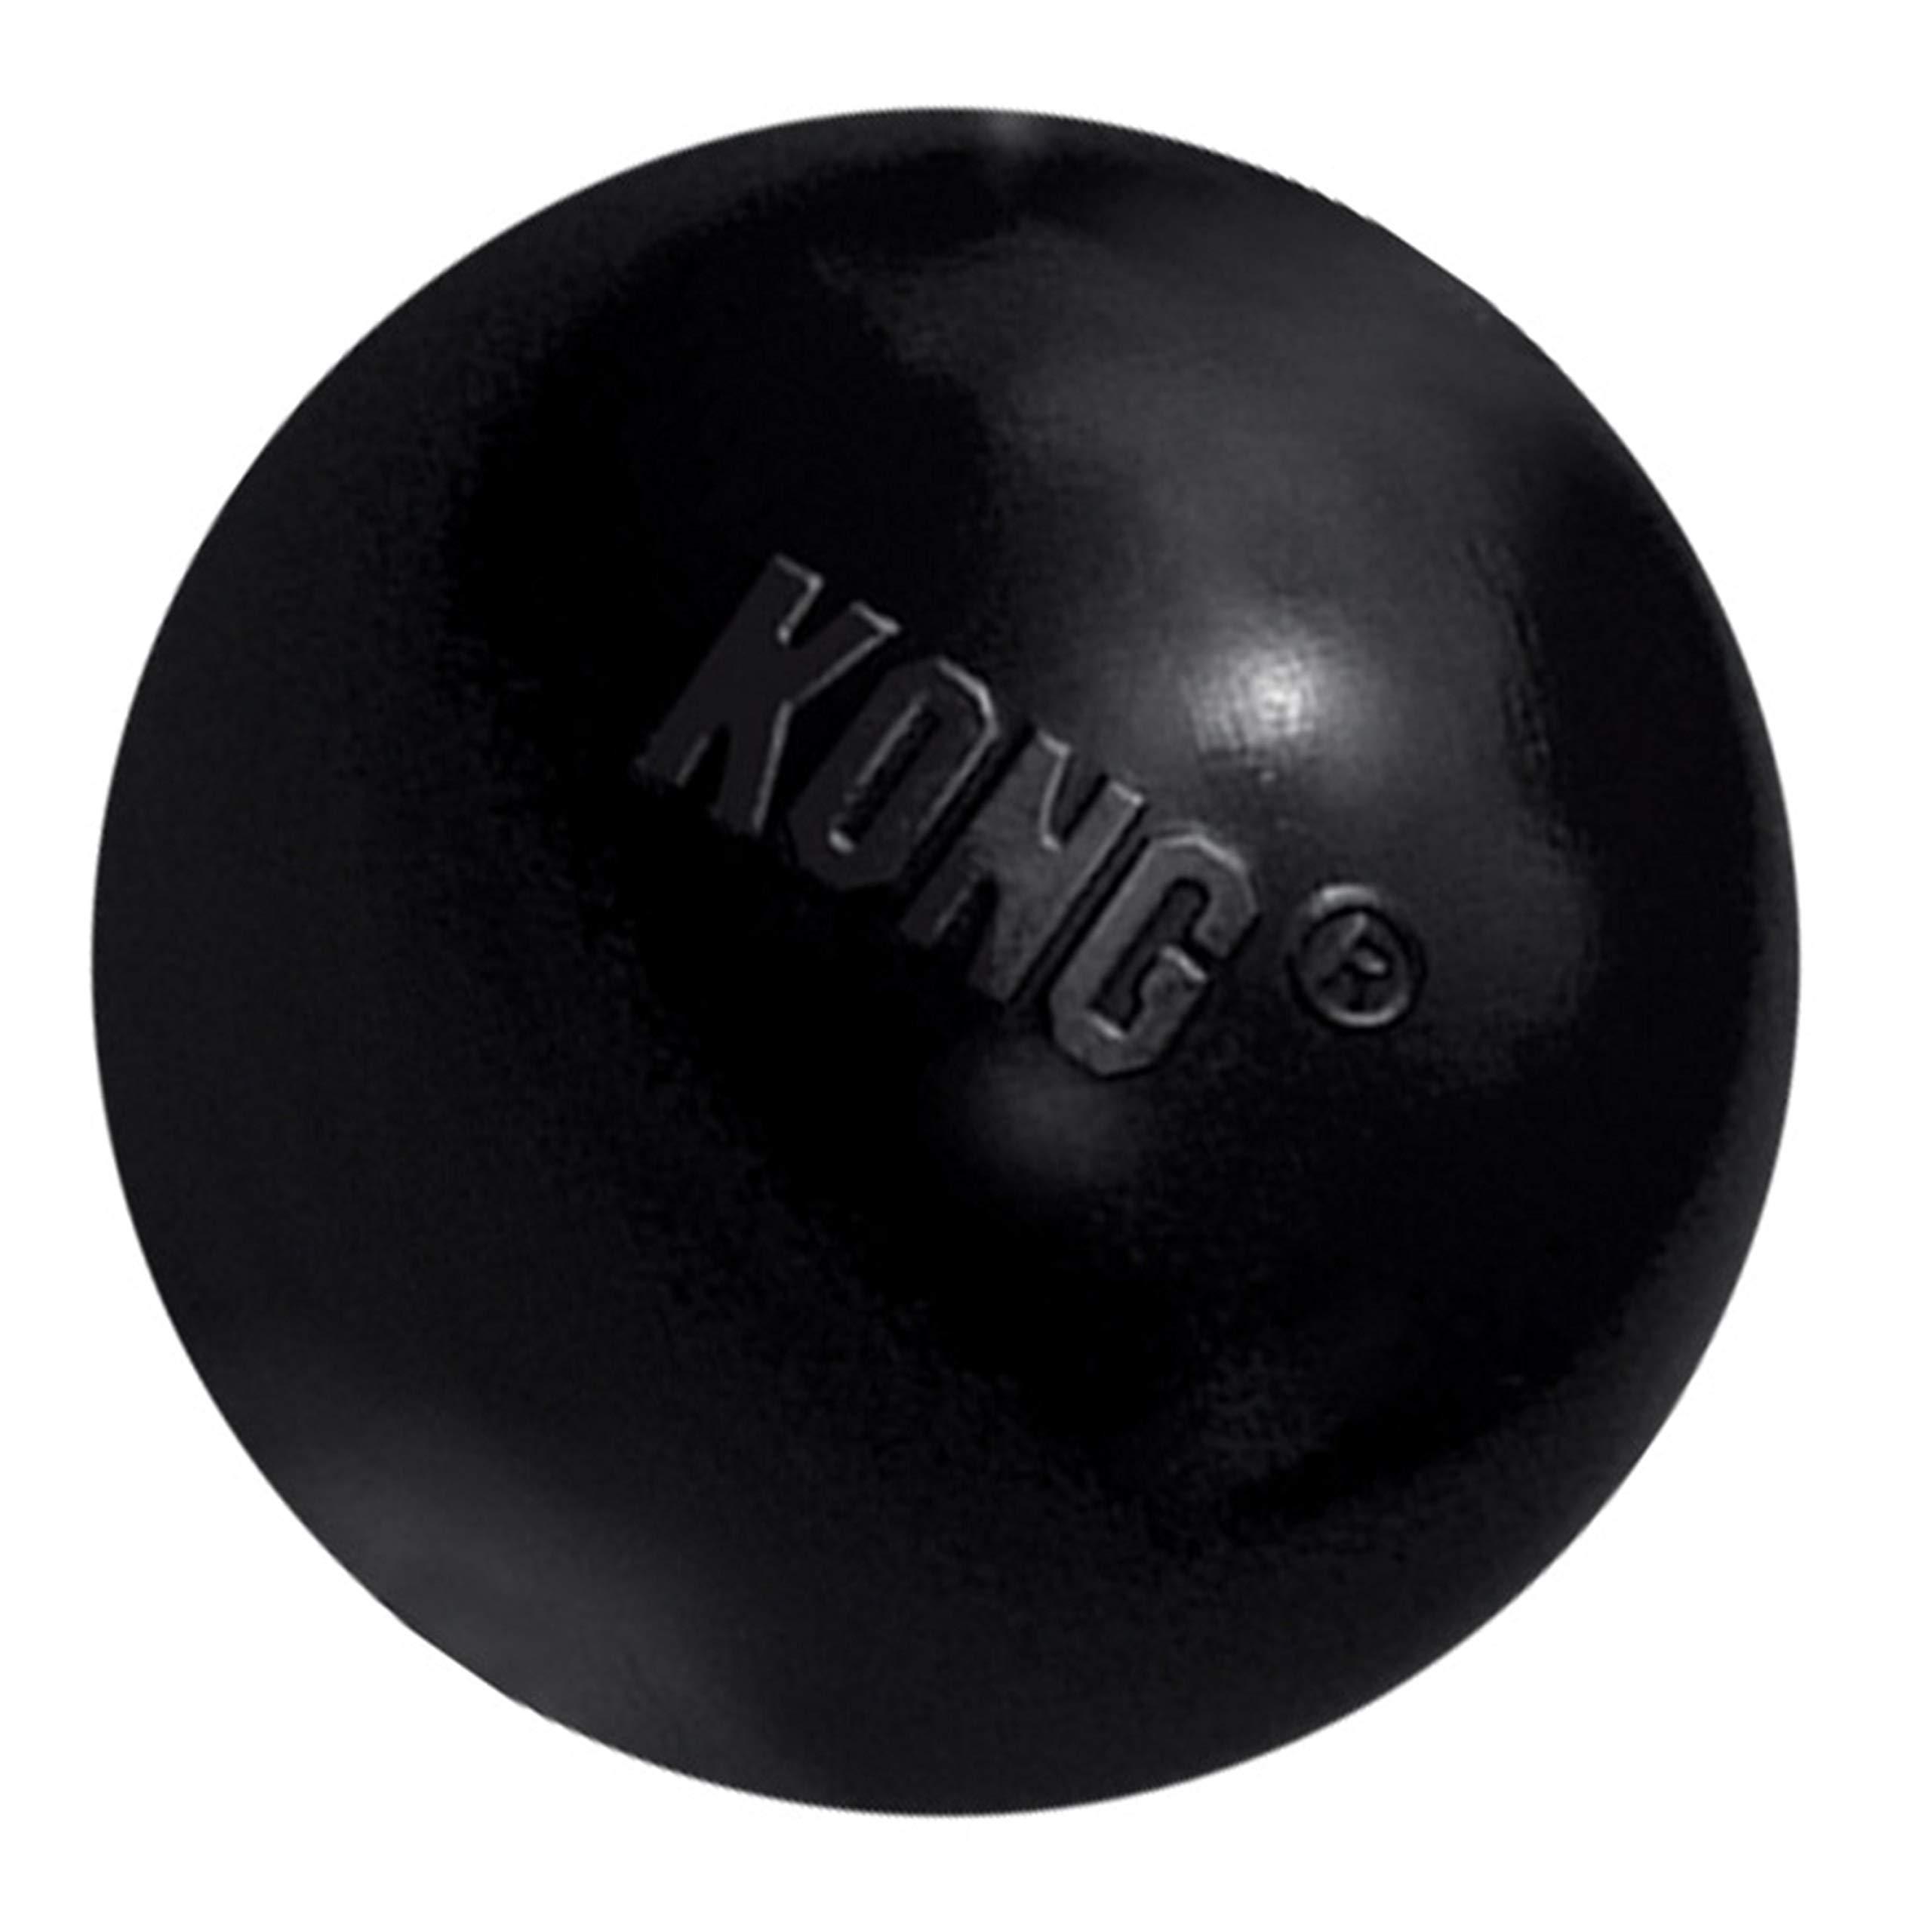 Kong Extreme Balle pour Chien Noir Taille M/L product image